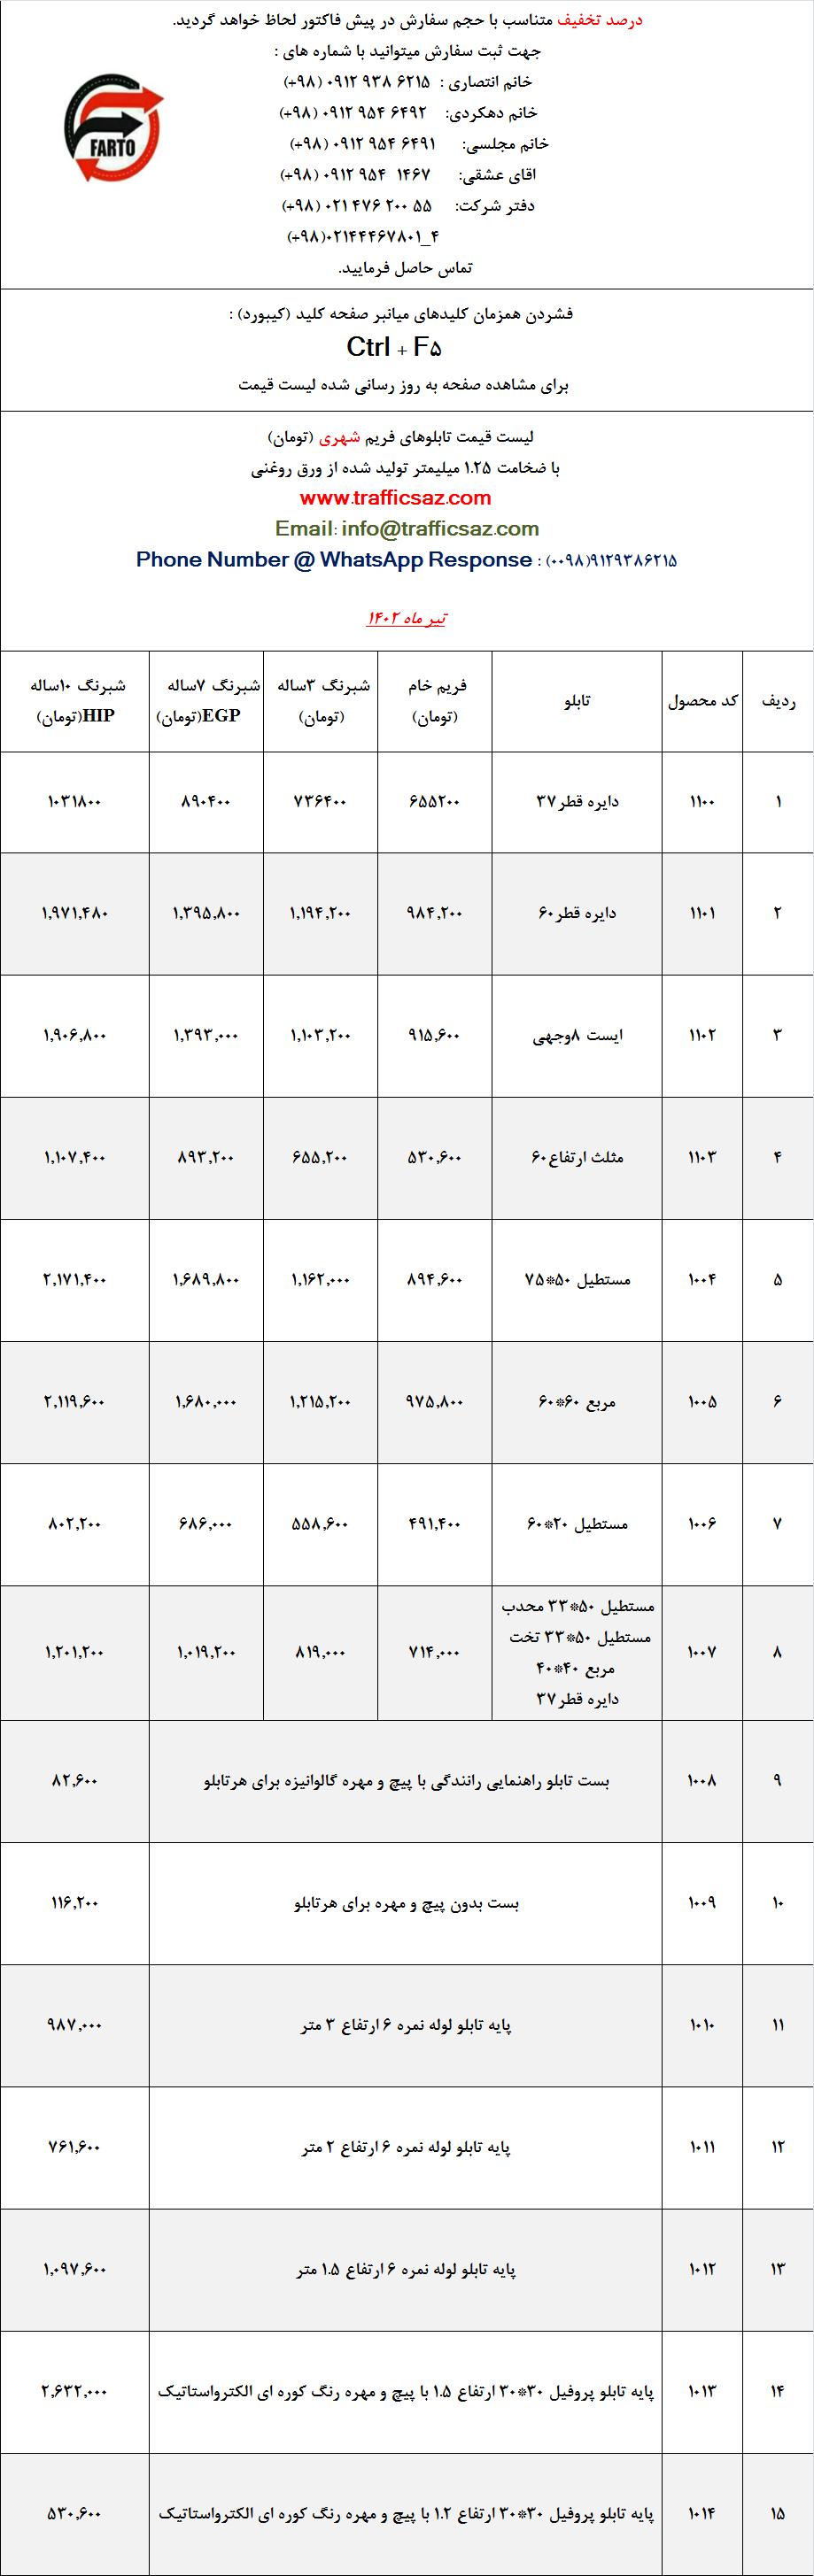 لیست قیمت فروش علائم راهنمایی رانندگی شهری تولید شده توسط شرکت های تولید کننده تجهیزات ترافیکی